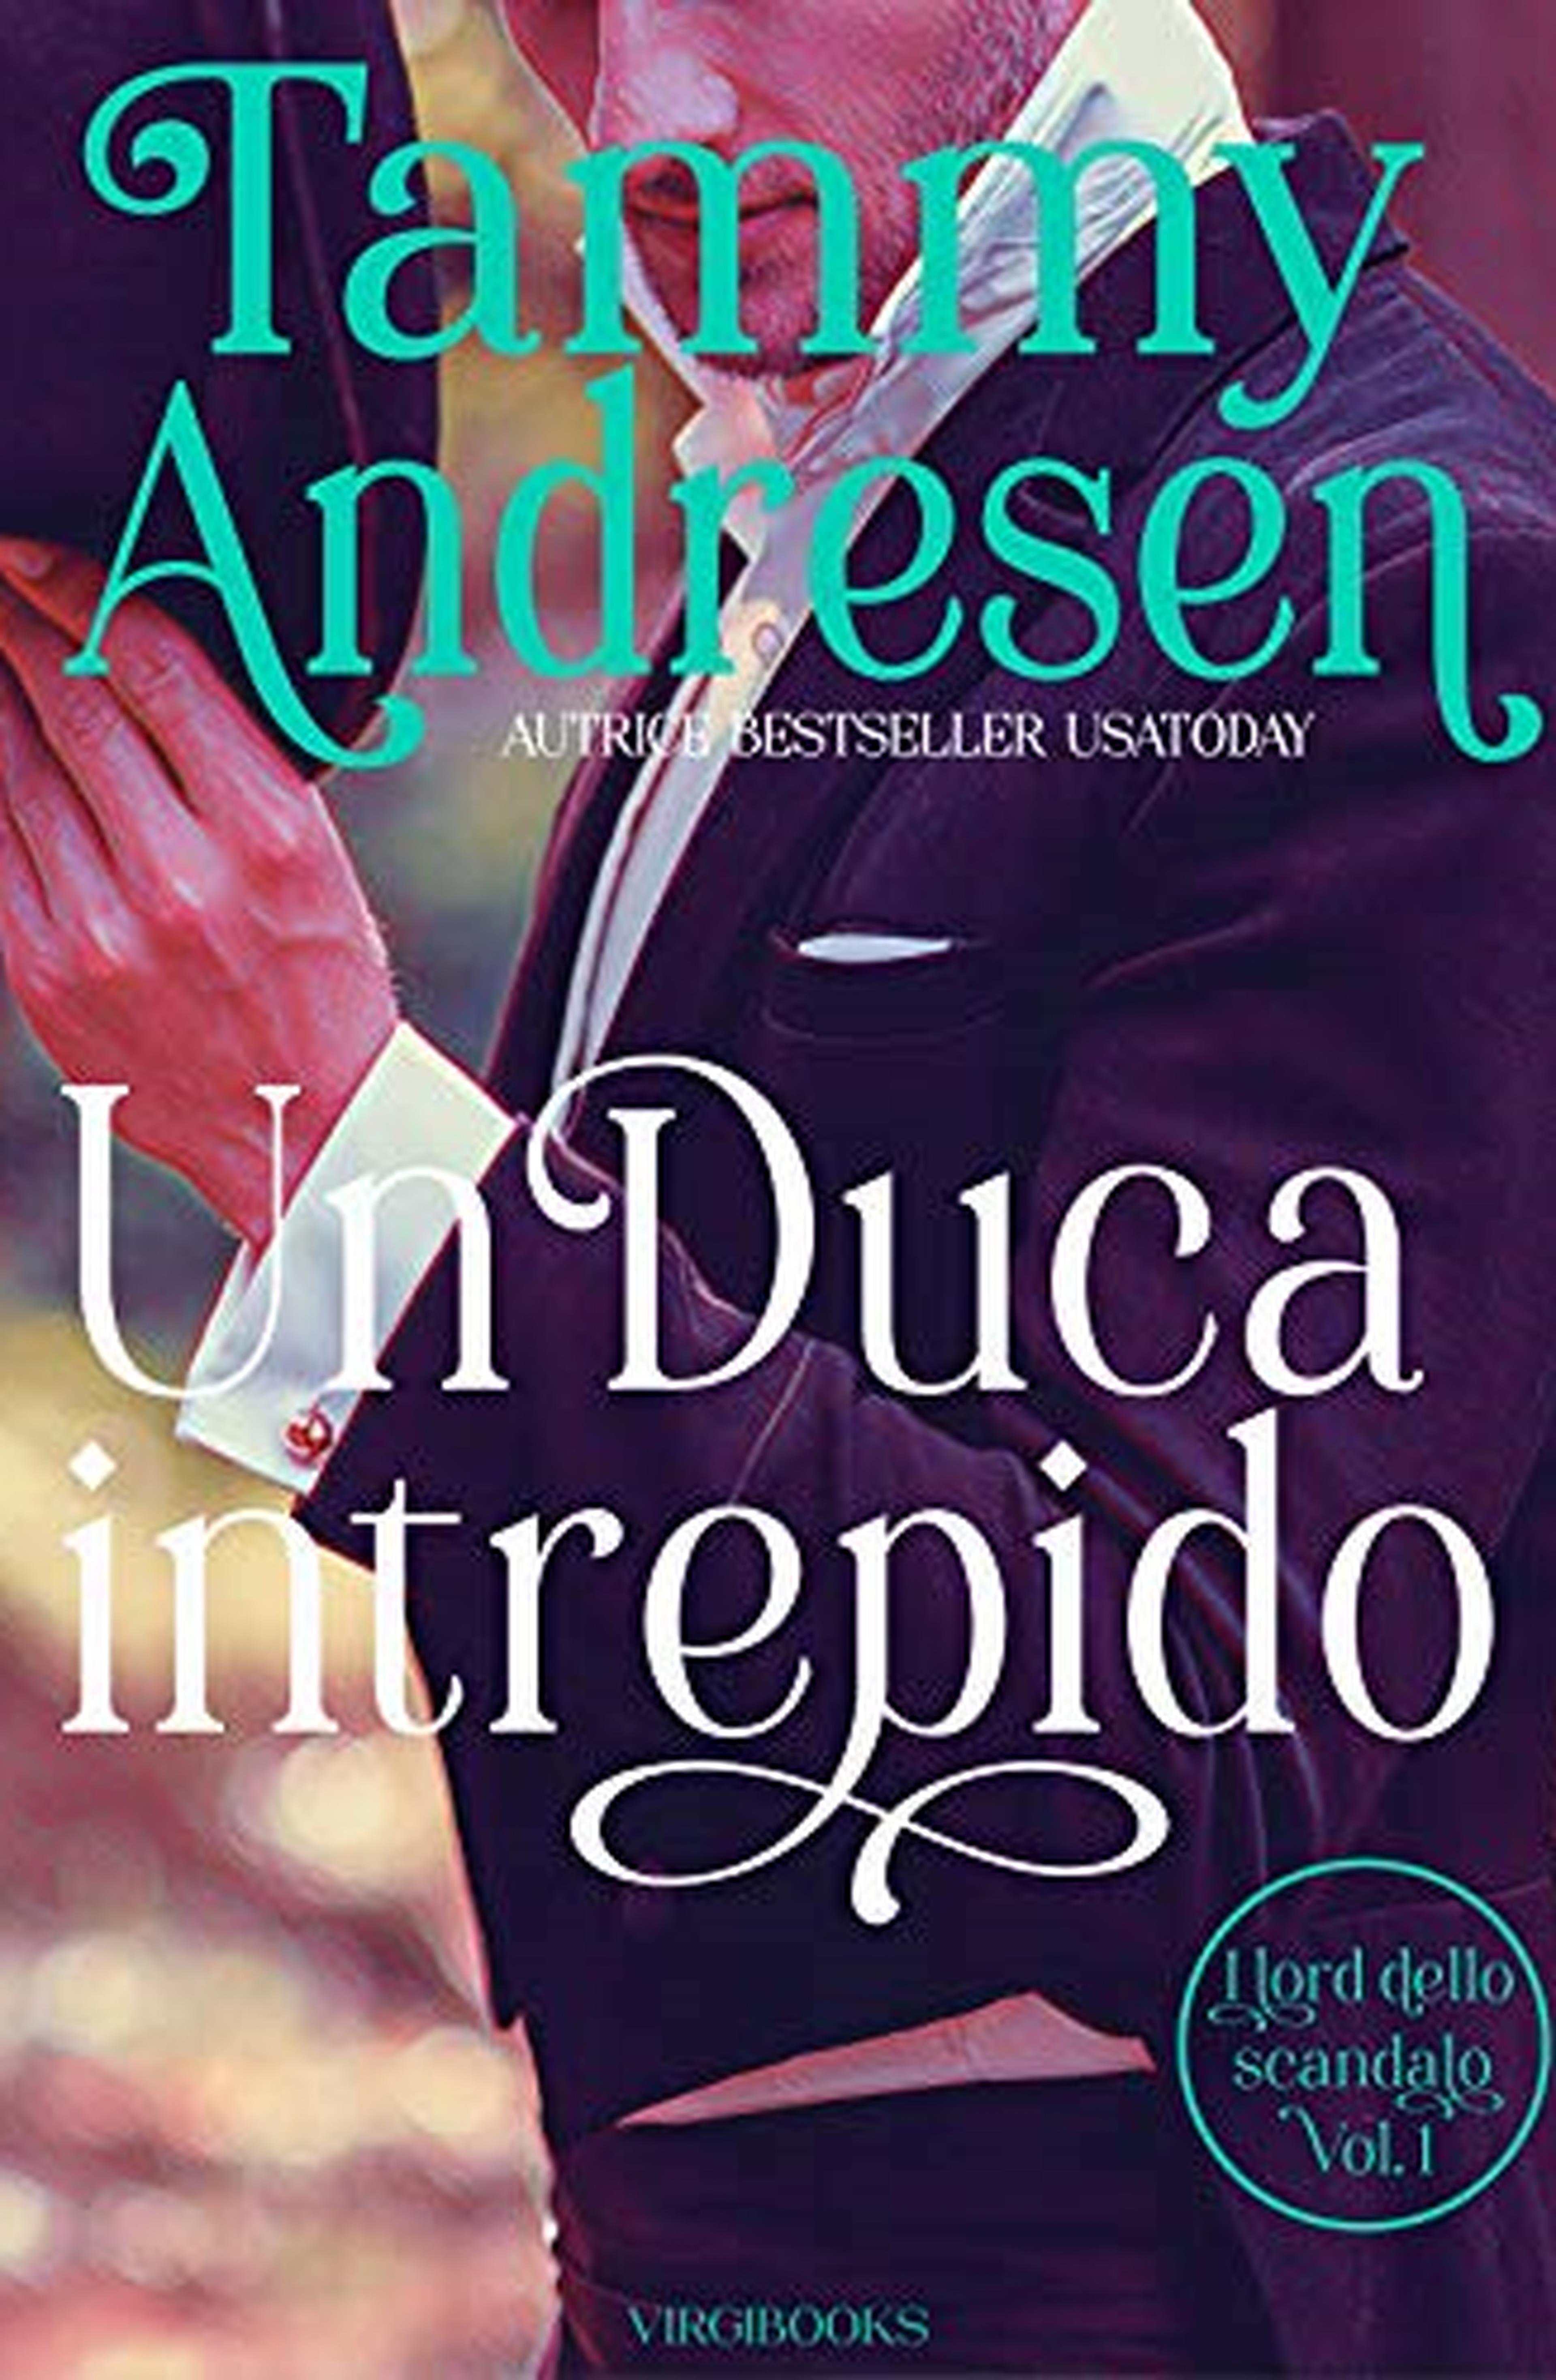 Un Duca intrepido (I Lord dello scandalo Vol. 1)